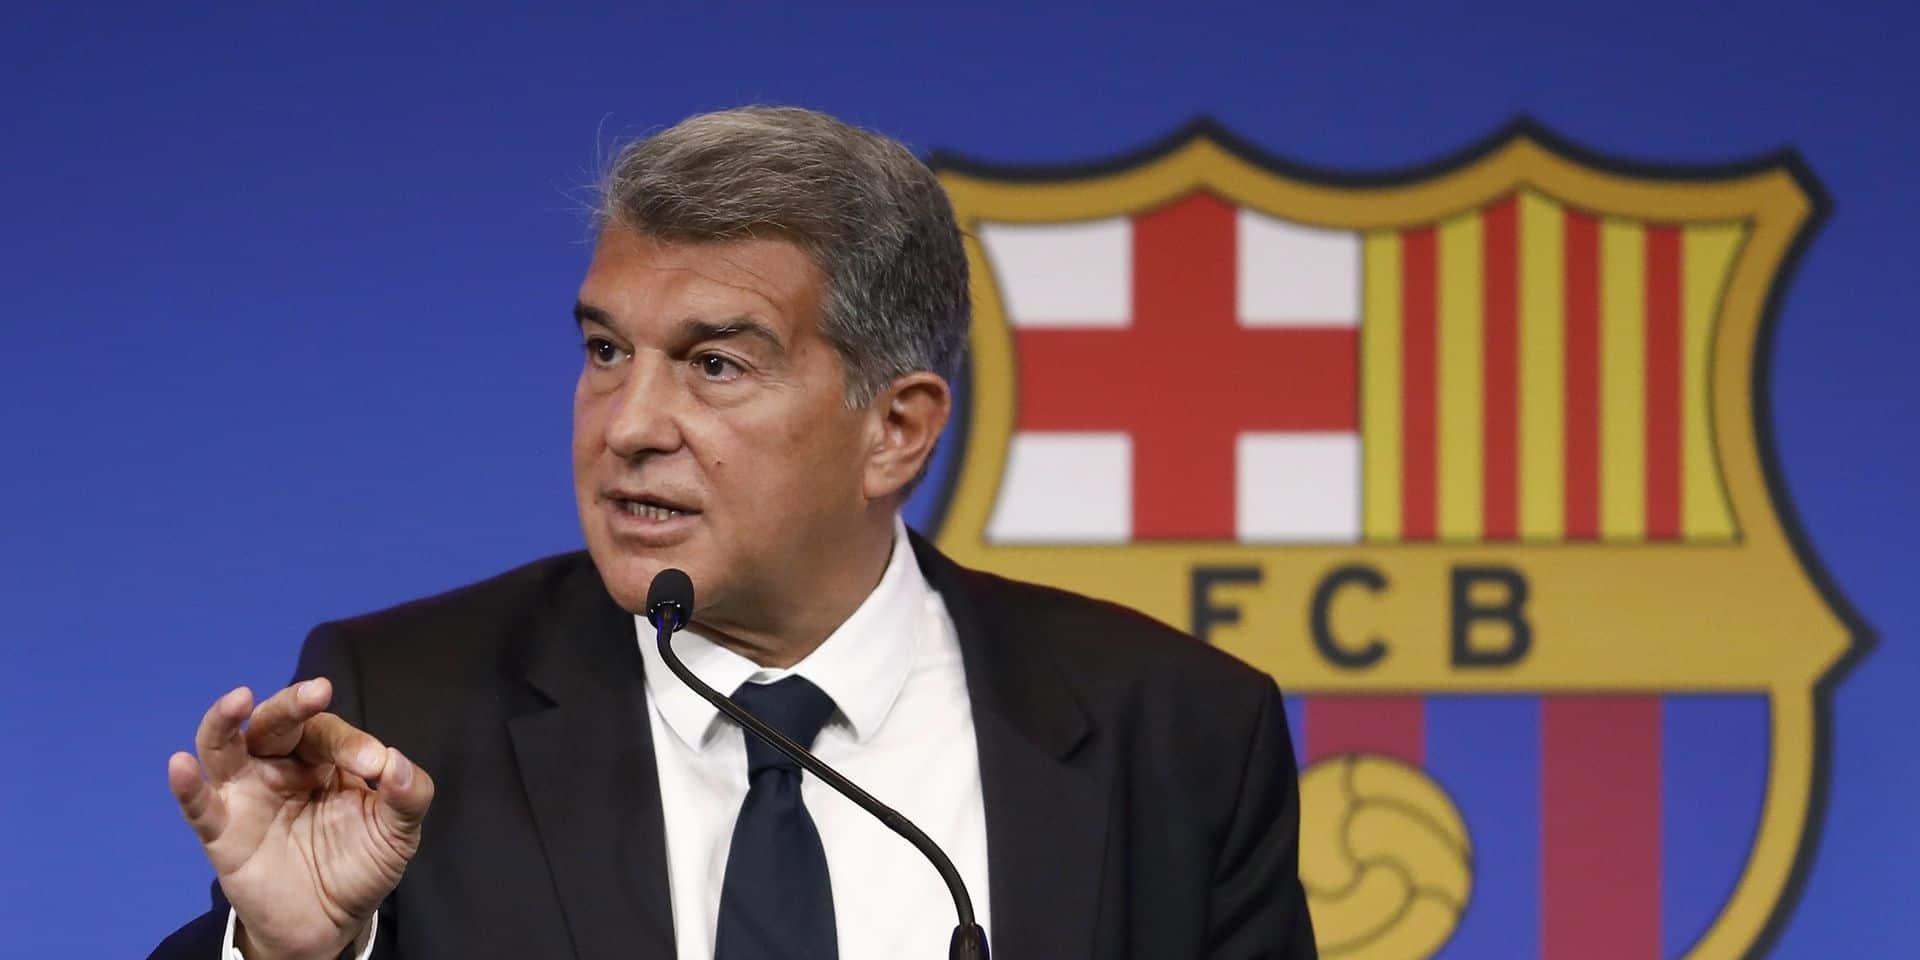 Le président du Barça met la pression sur ses joueurs: ils ont jusqu'au 15 août pour baisser leur salaire